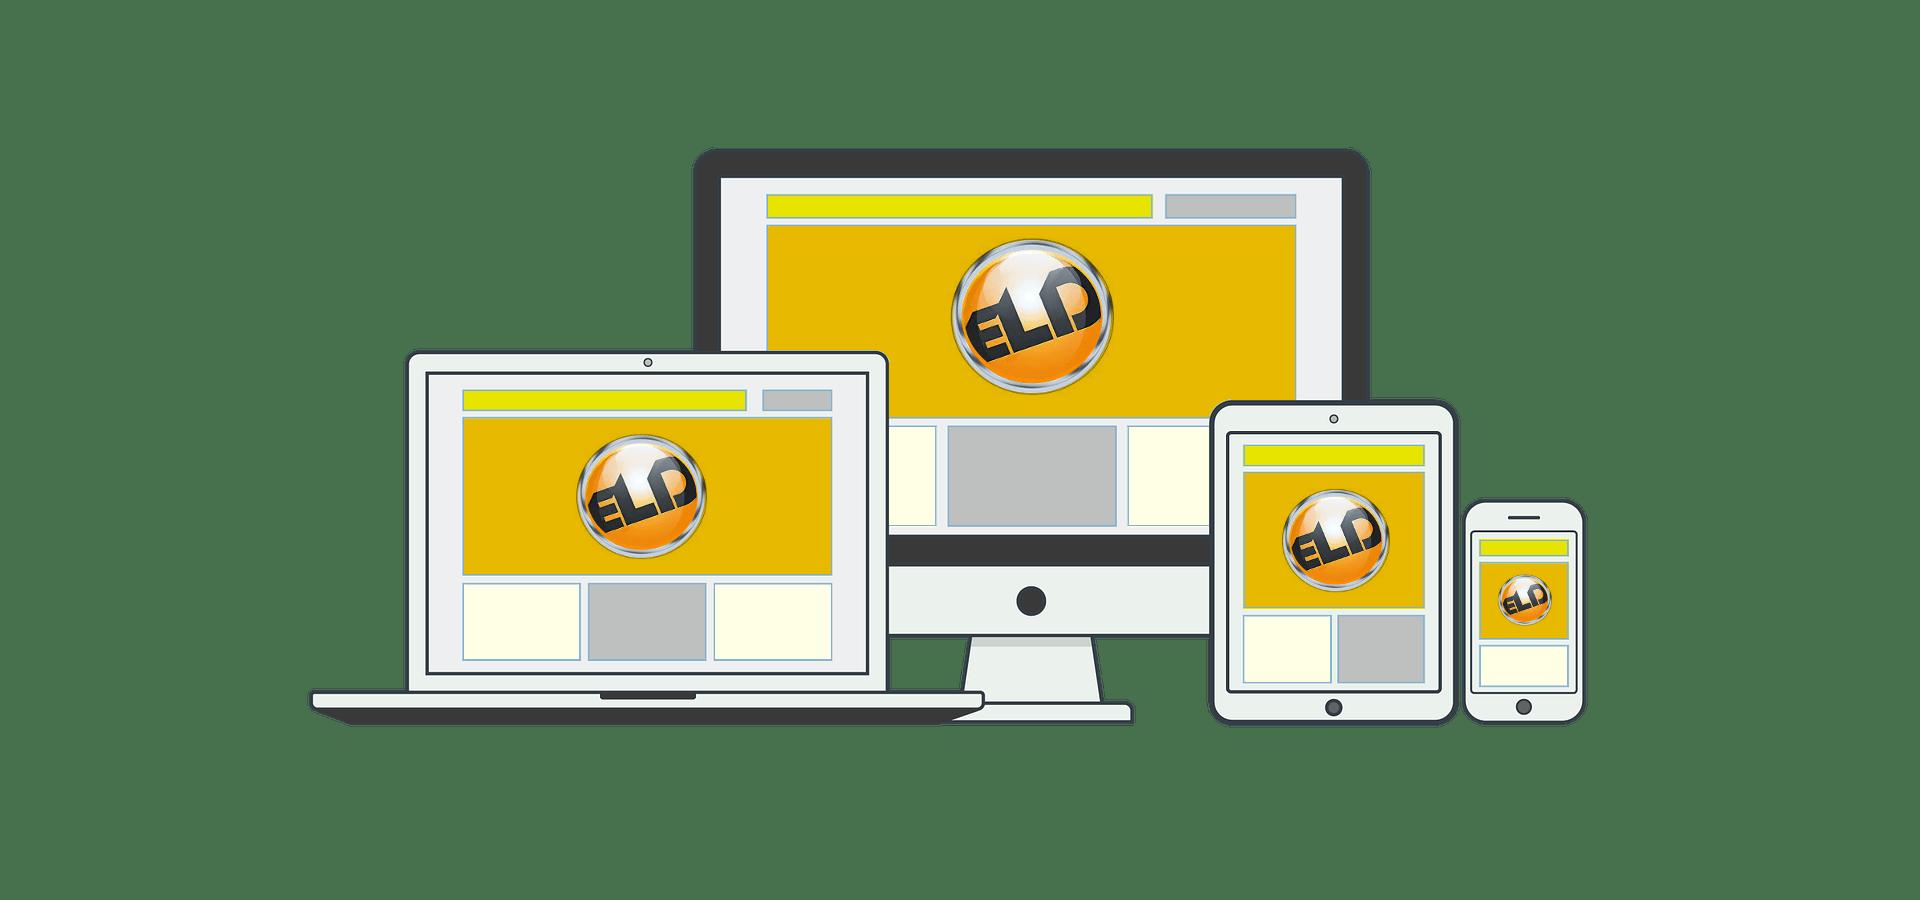 Eld Engineering annuncia il rilascio di un nuovo sito web